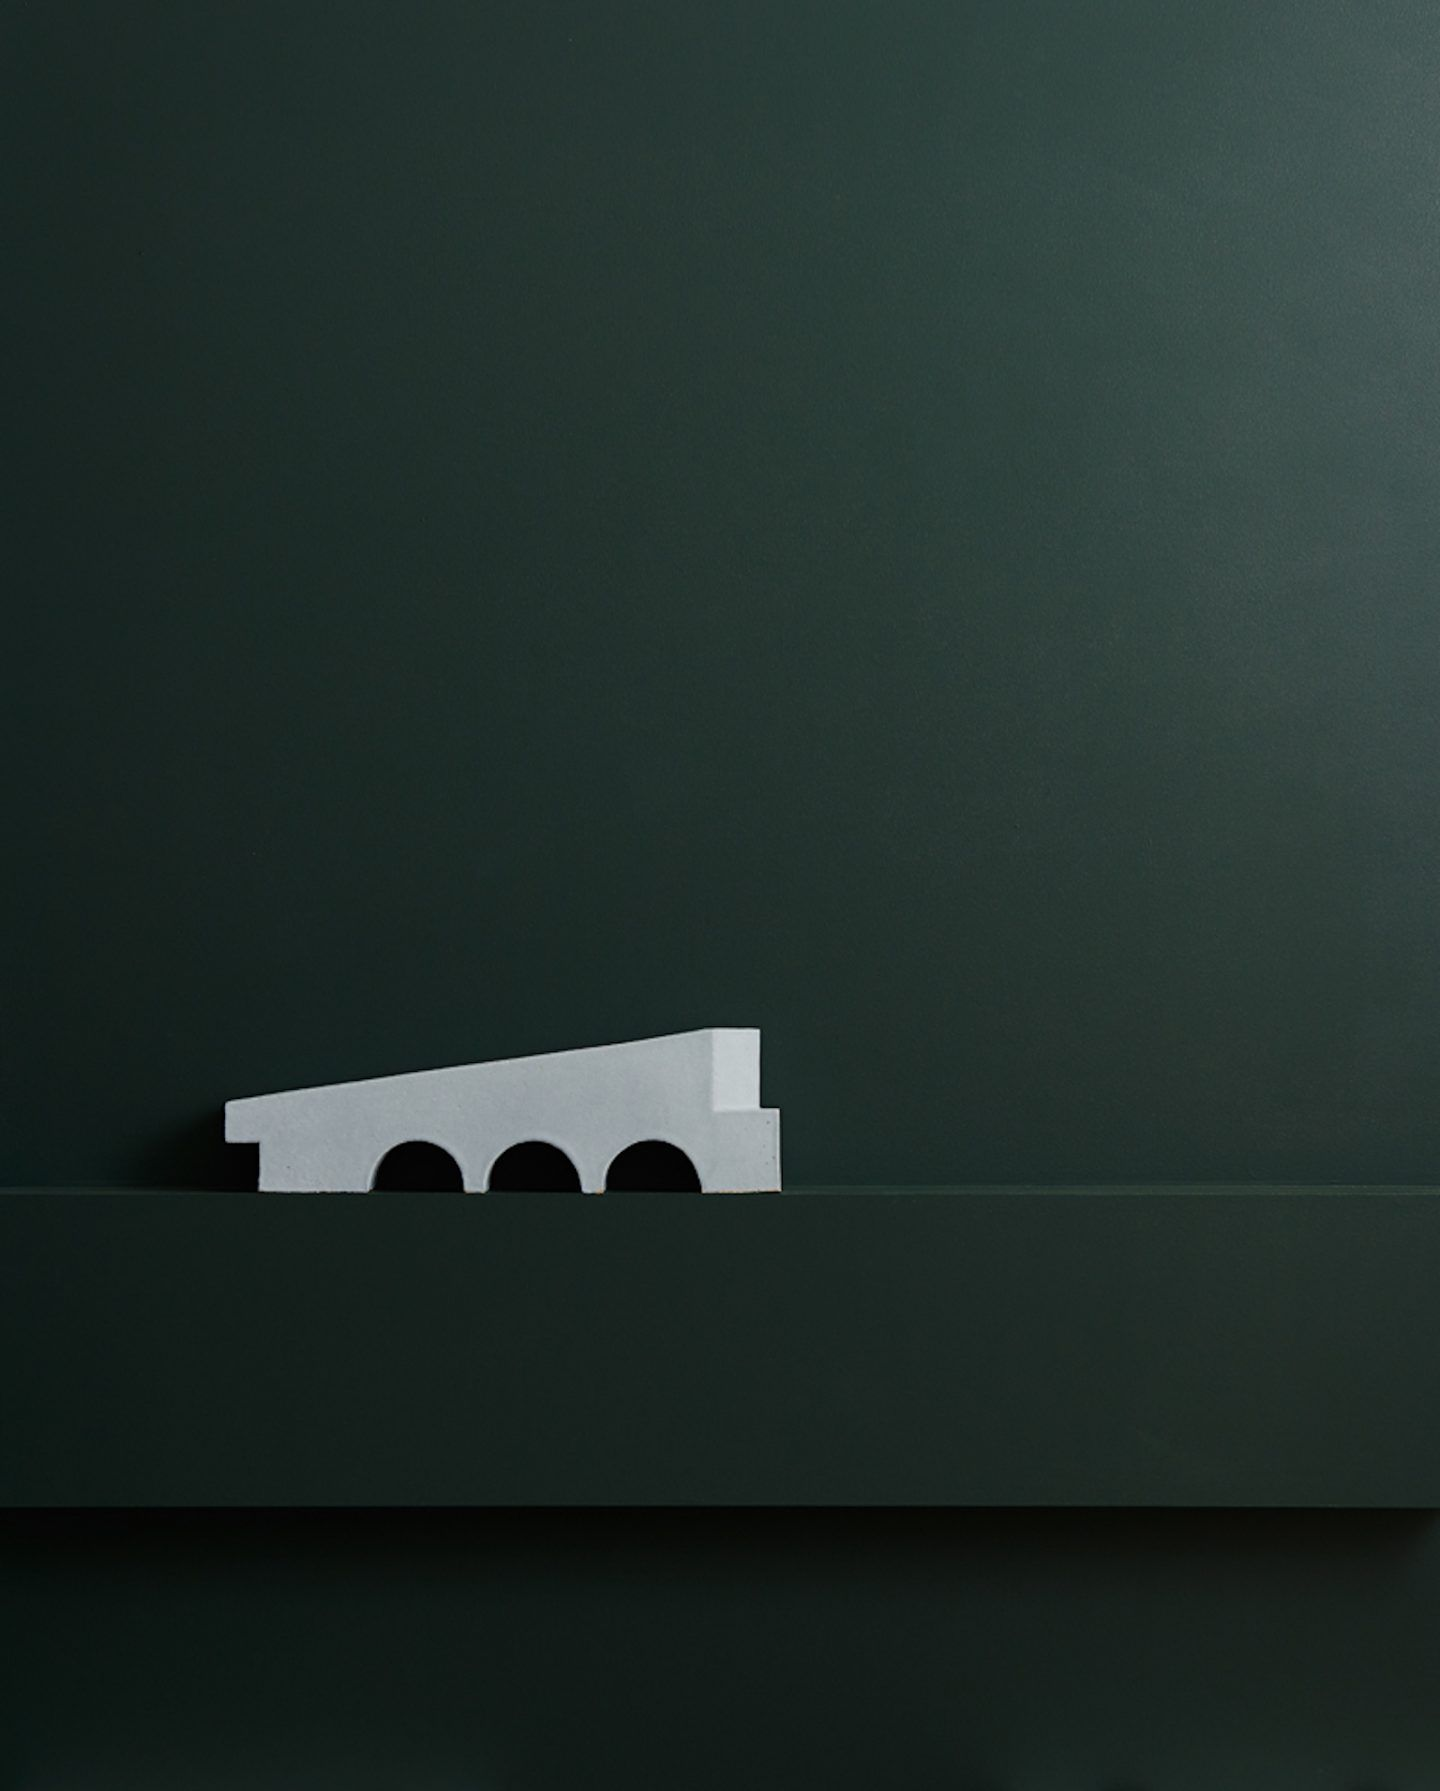 IGNANT-Design-Bruce-Rowe-Structures-013